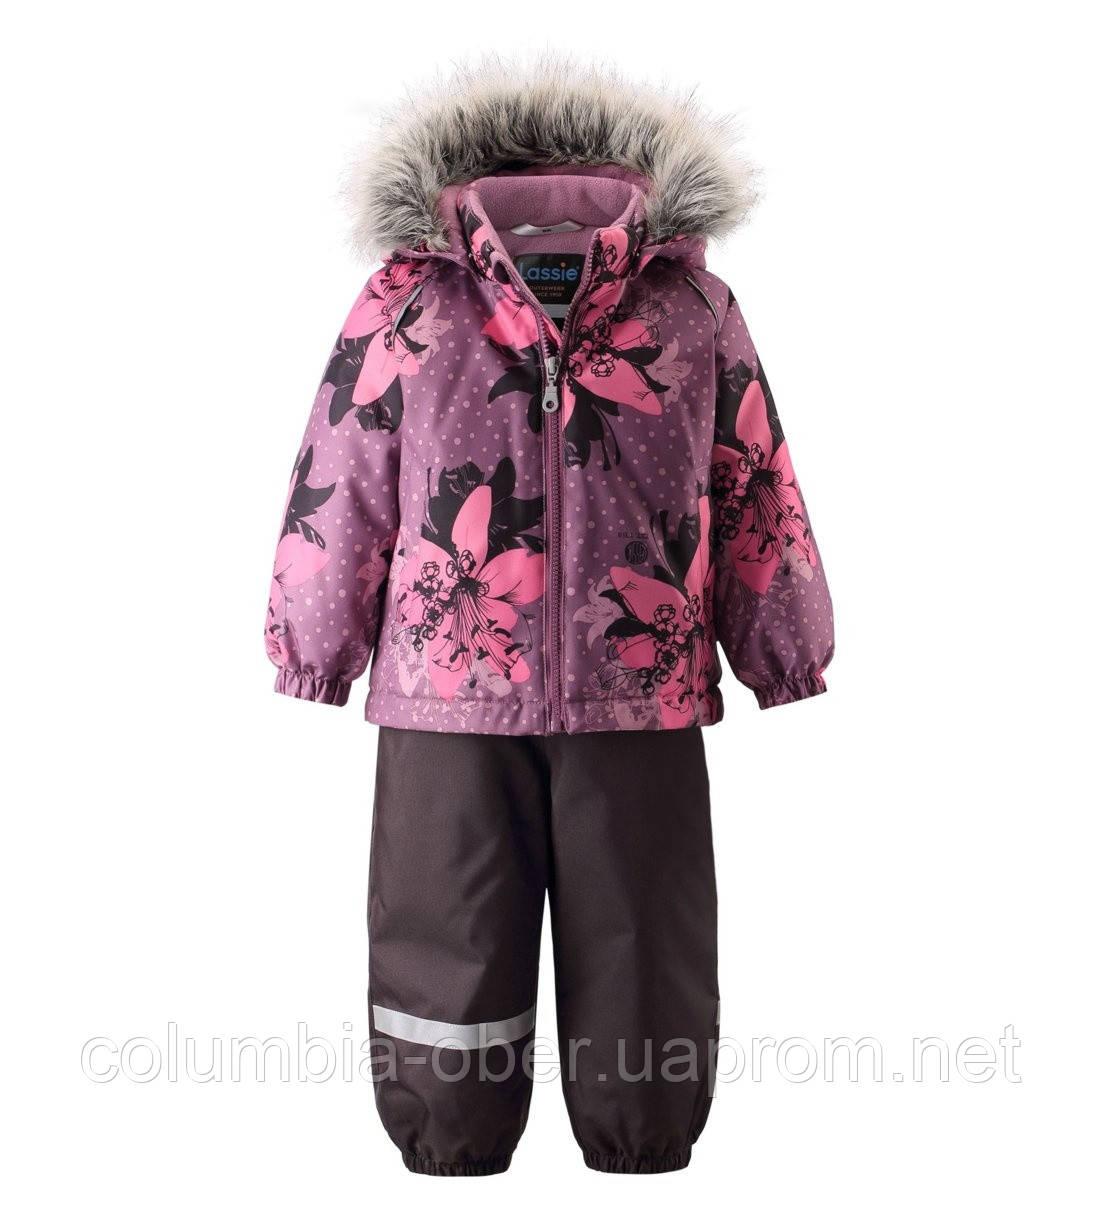 Зимний комплект для девочки Lassie by Reima Karol 713733.9-5191. Размеры 86 - 98.